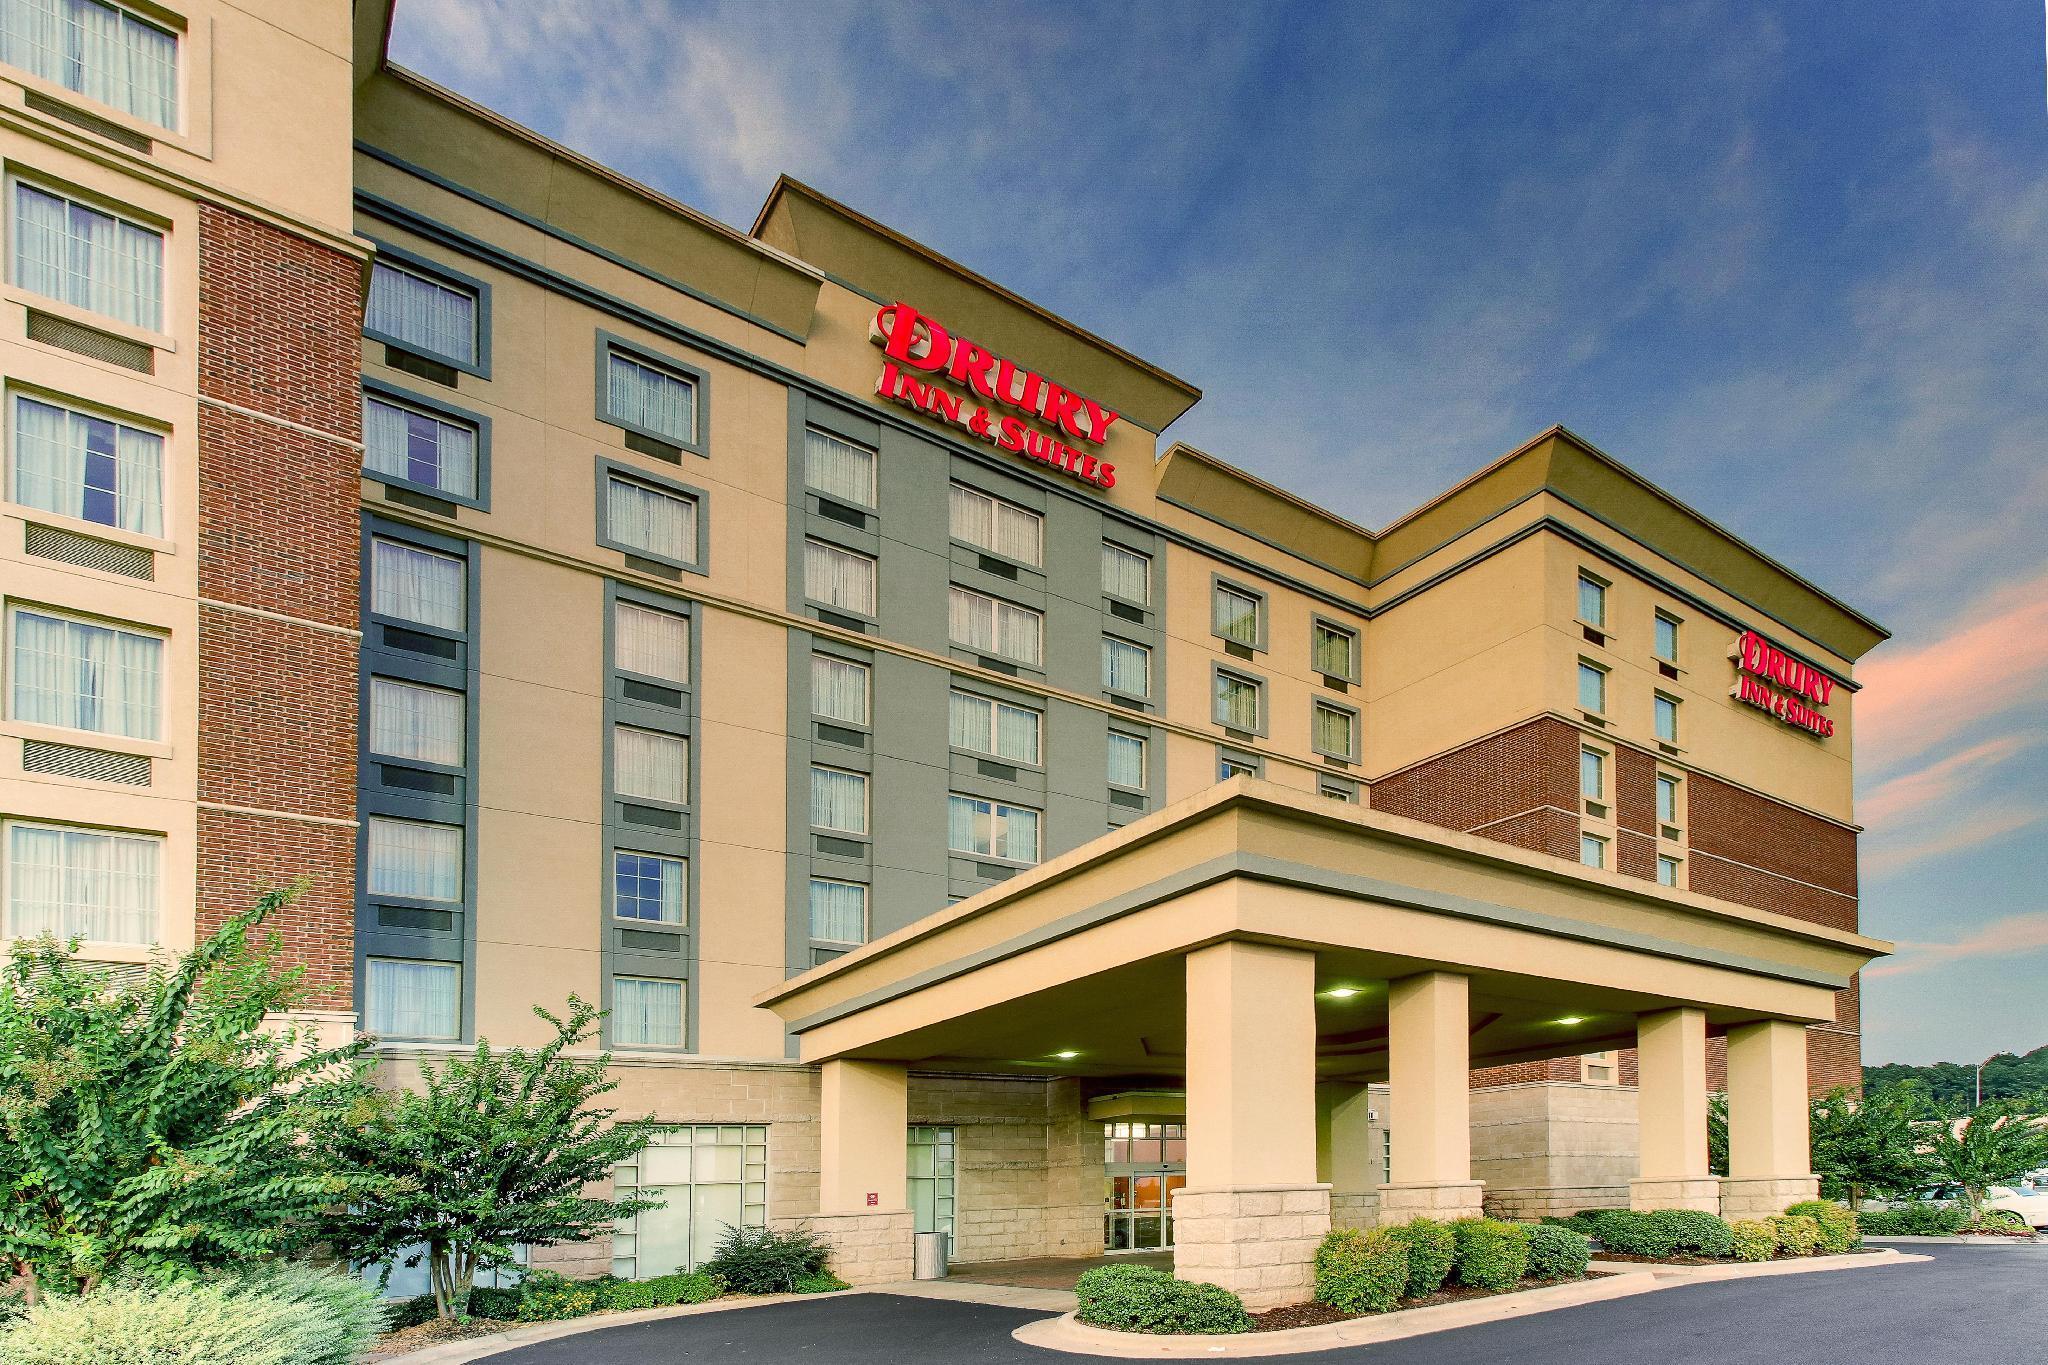 Drury Inn And Suites Meridian